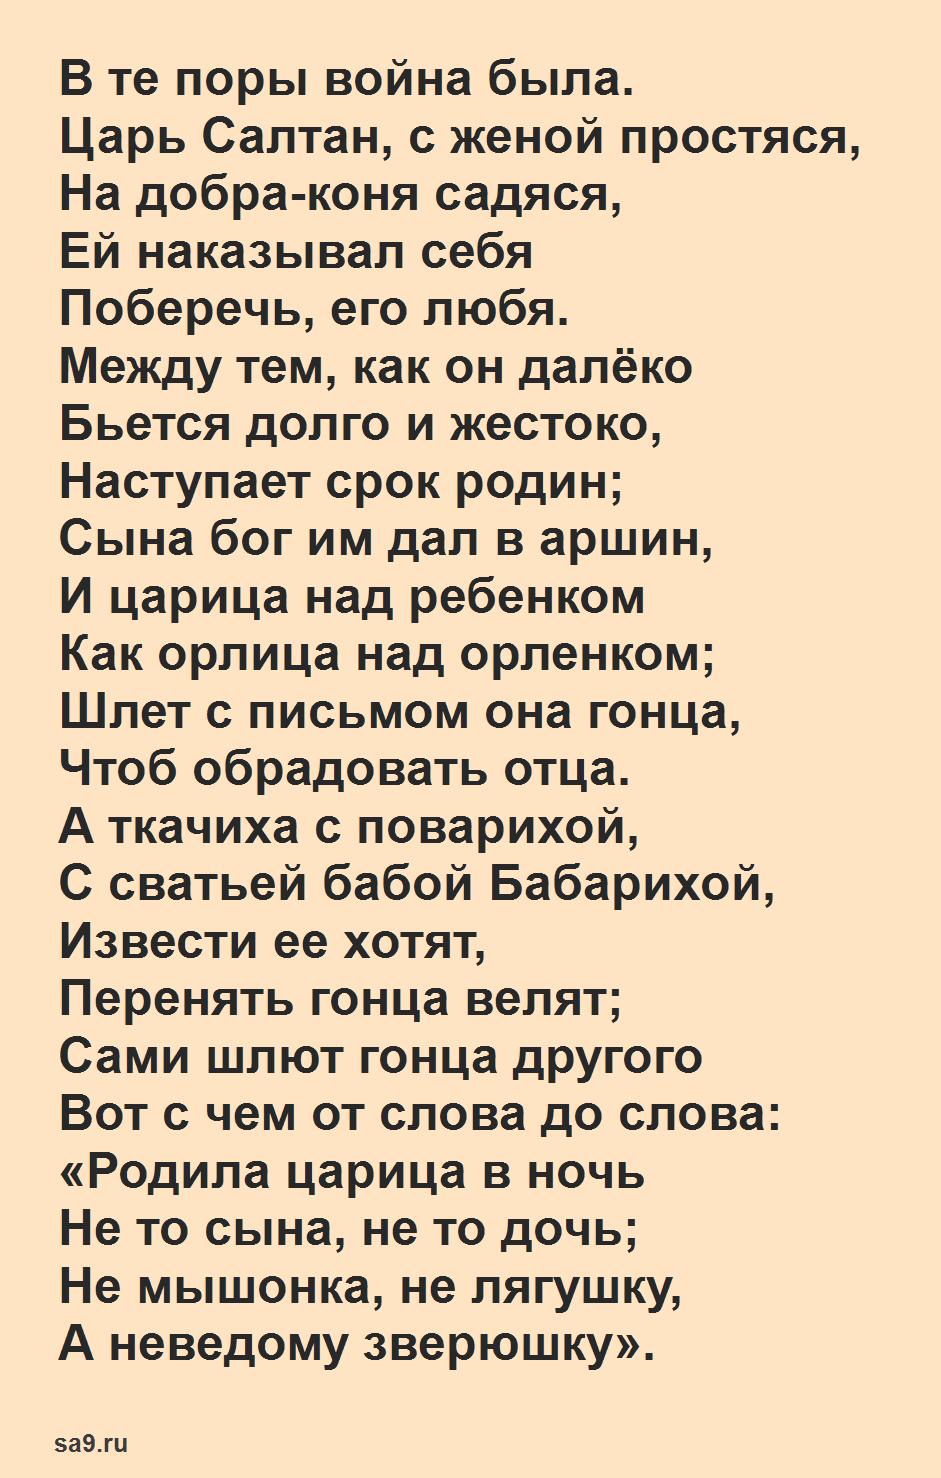 Скачать онлайн бесплатно текст сказки  ' О царе Салтане', Пушкин